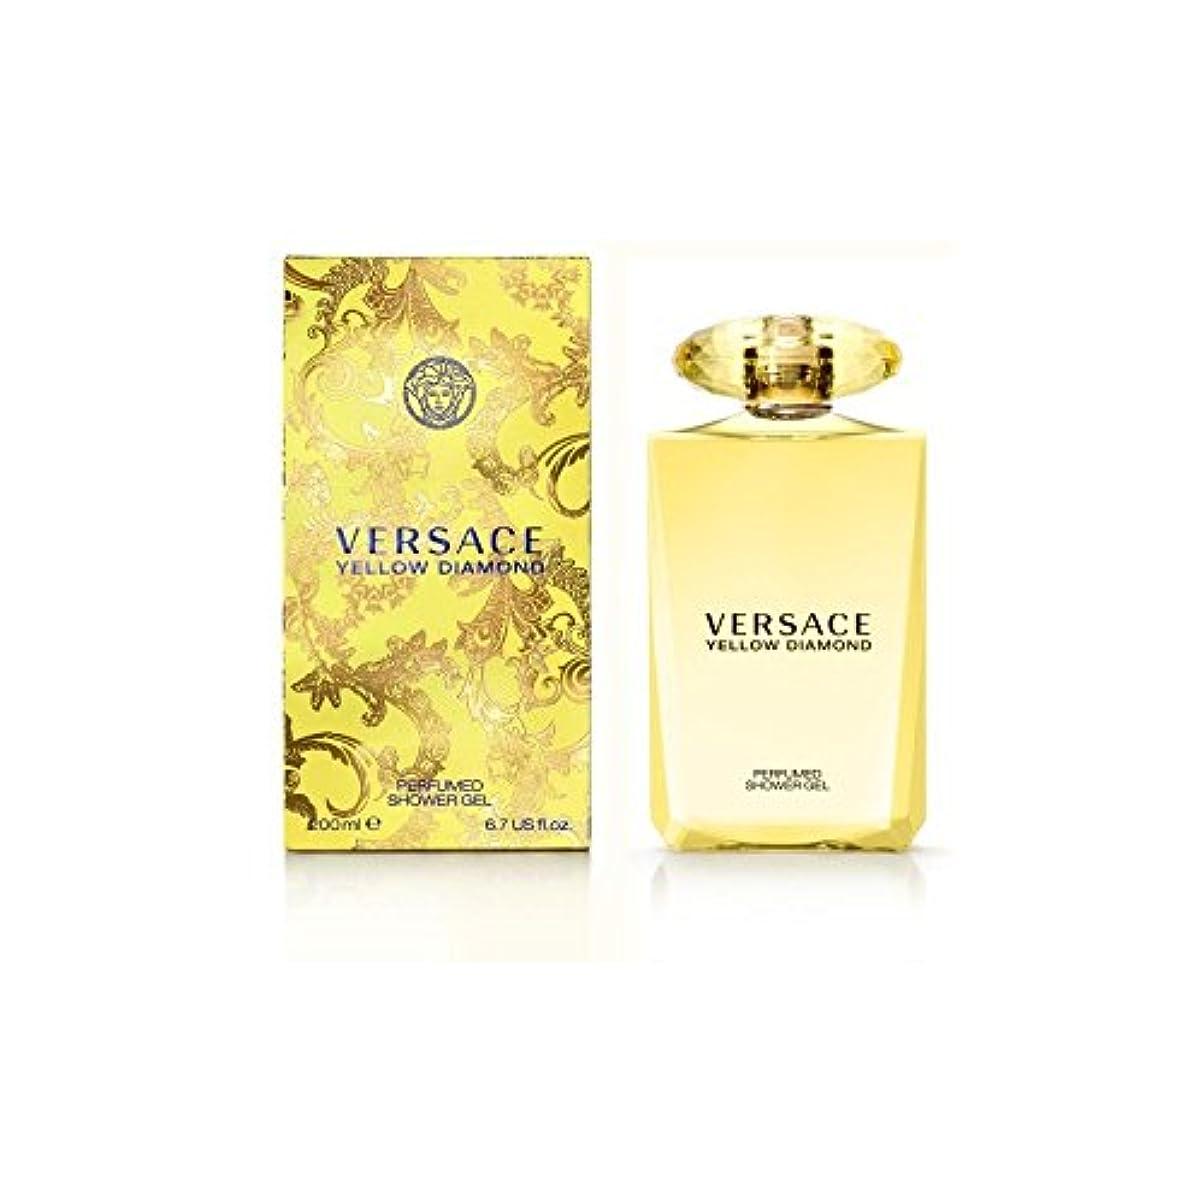 アルコーブバンドル結論ヴェルサーチ黄色のダイヤモンドバス&シャワージェル200 x4 - Versace Yellow Diamond Bath & Shower Gel 200ml (Pack of 4) [並行輸入品]